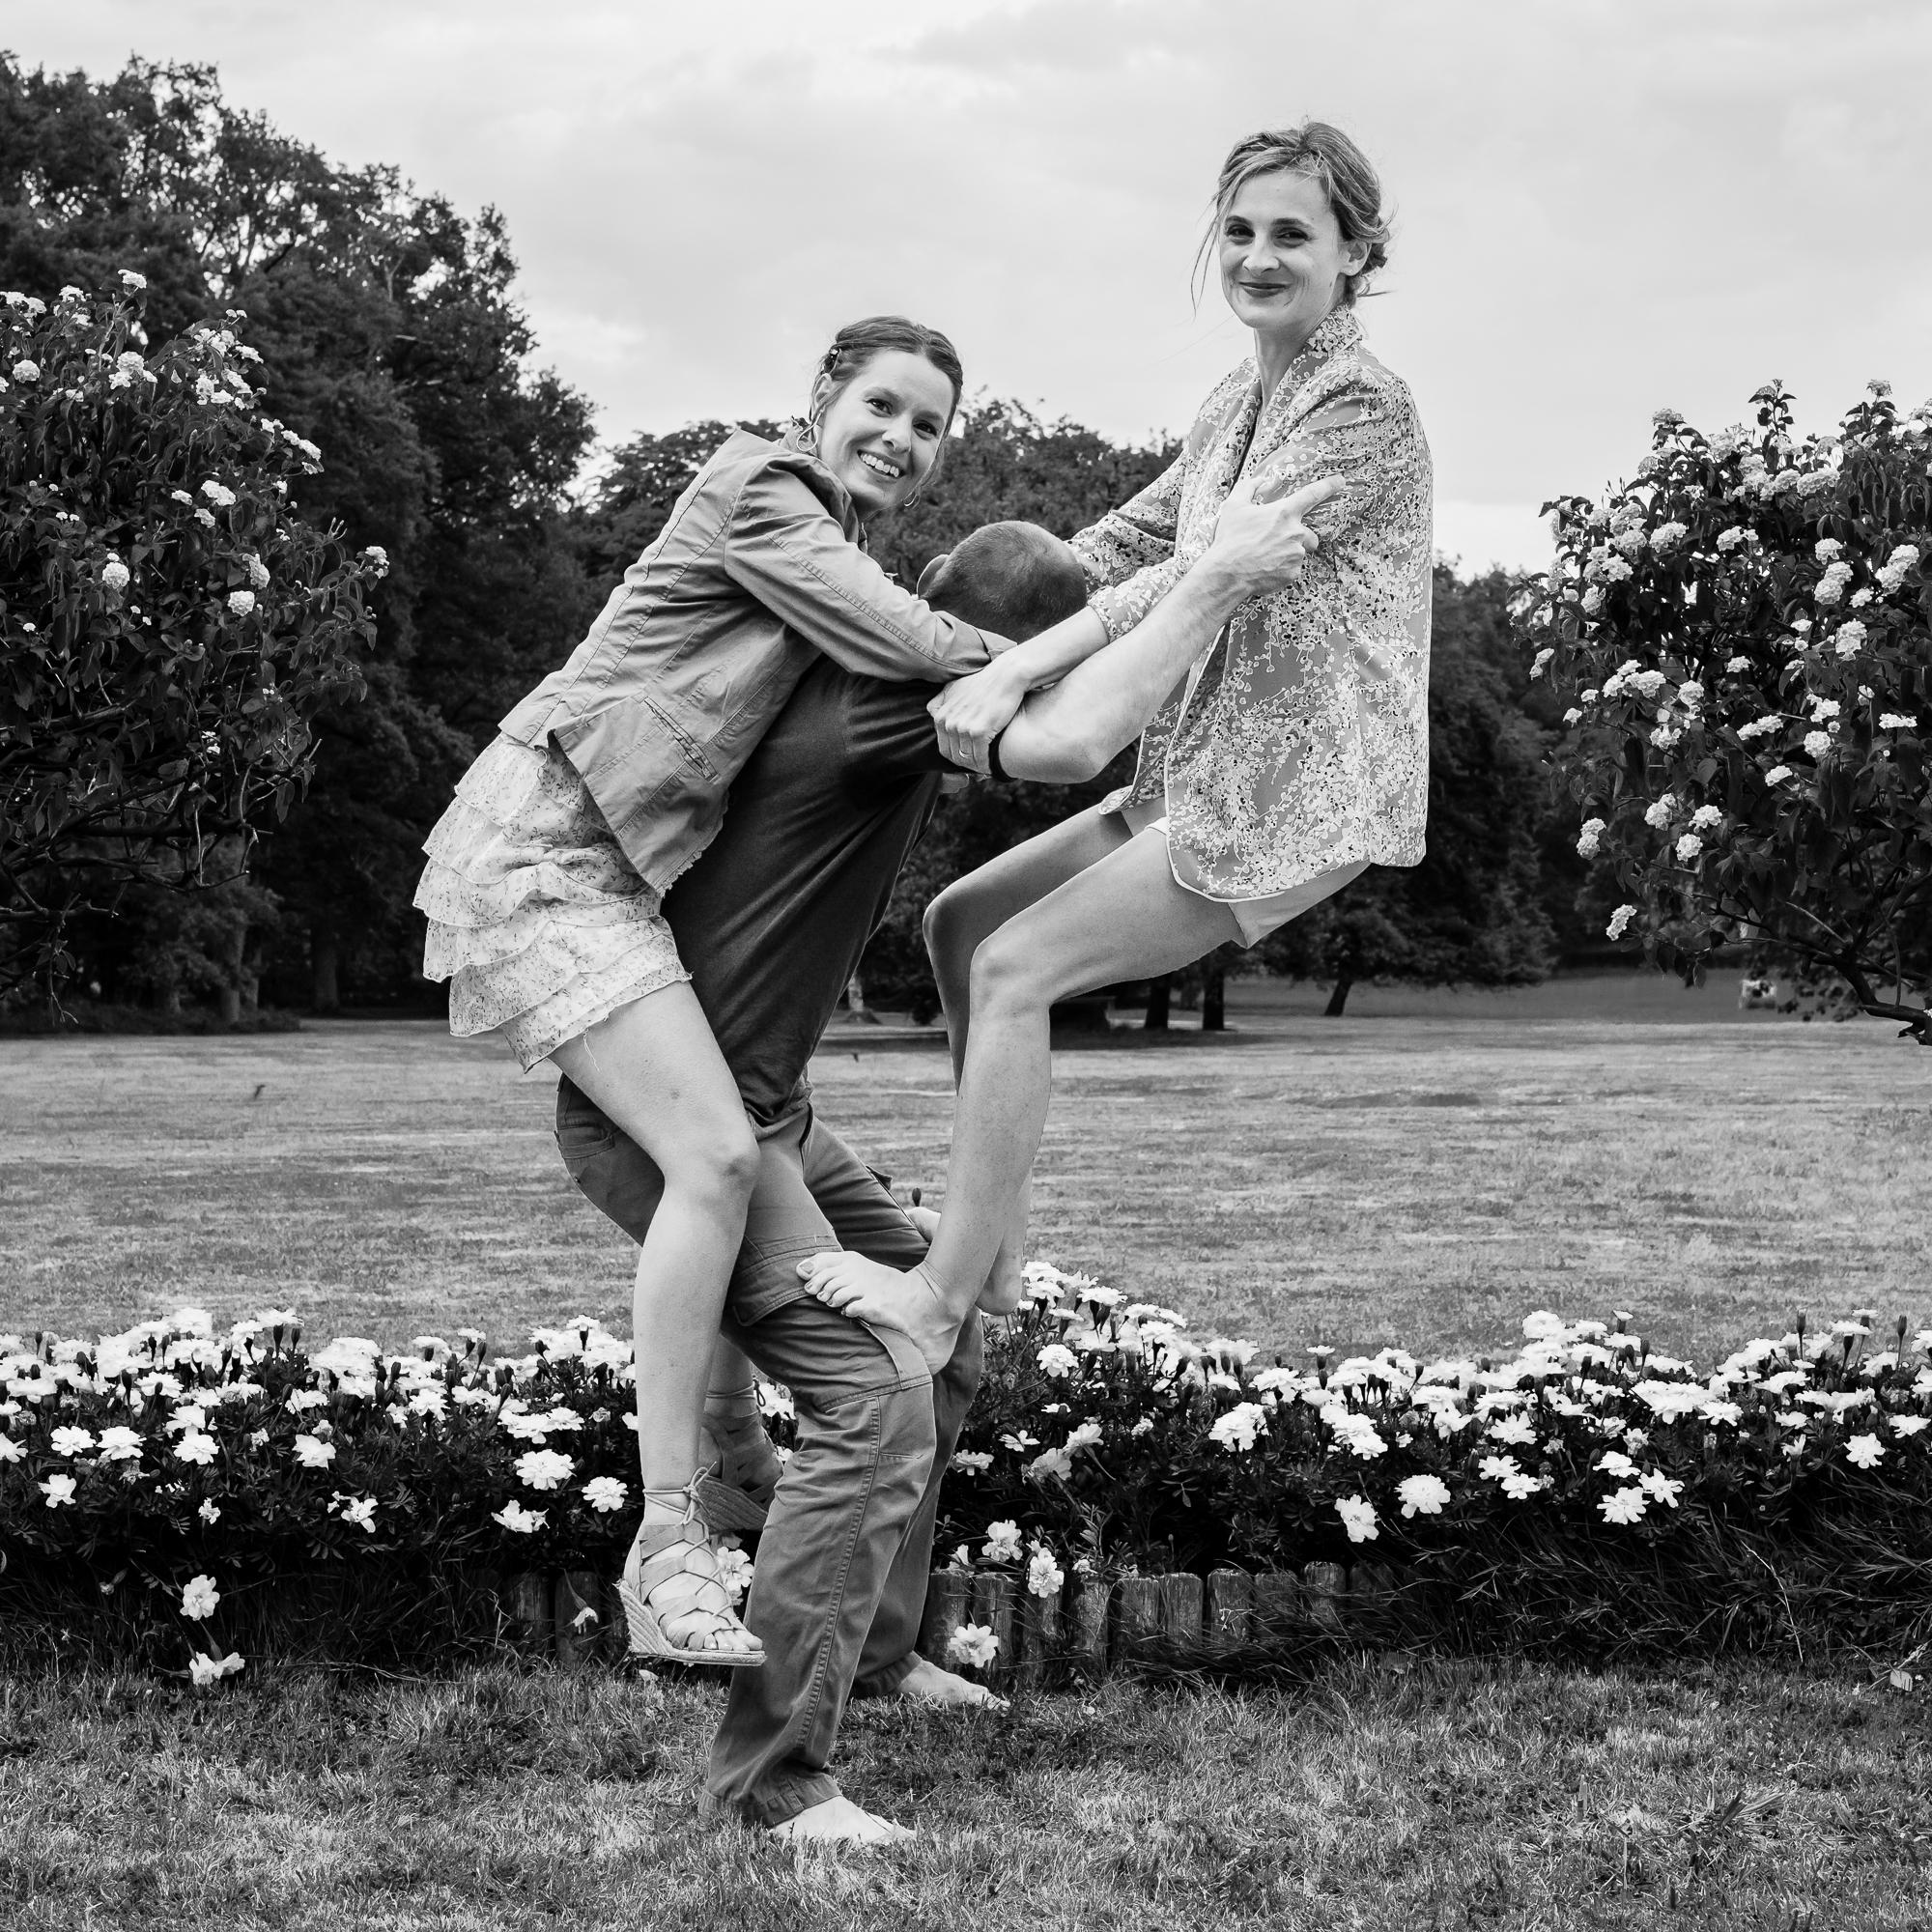 Mariage 2017 - Invitées équilibrées